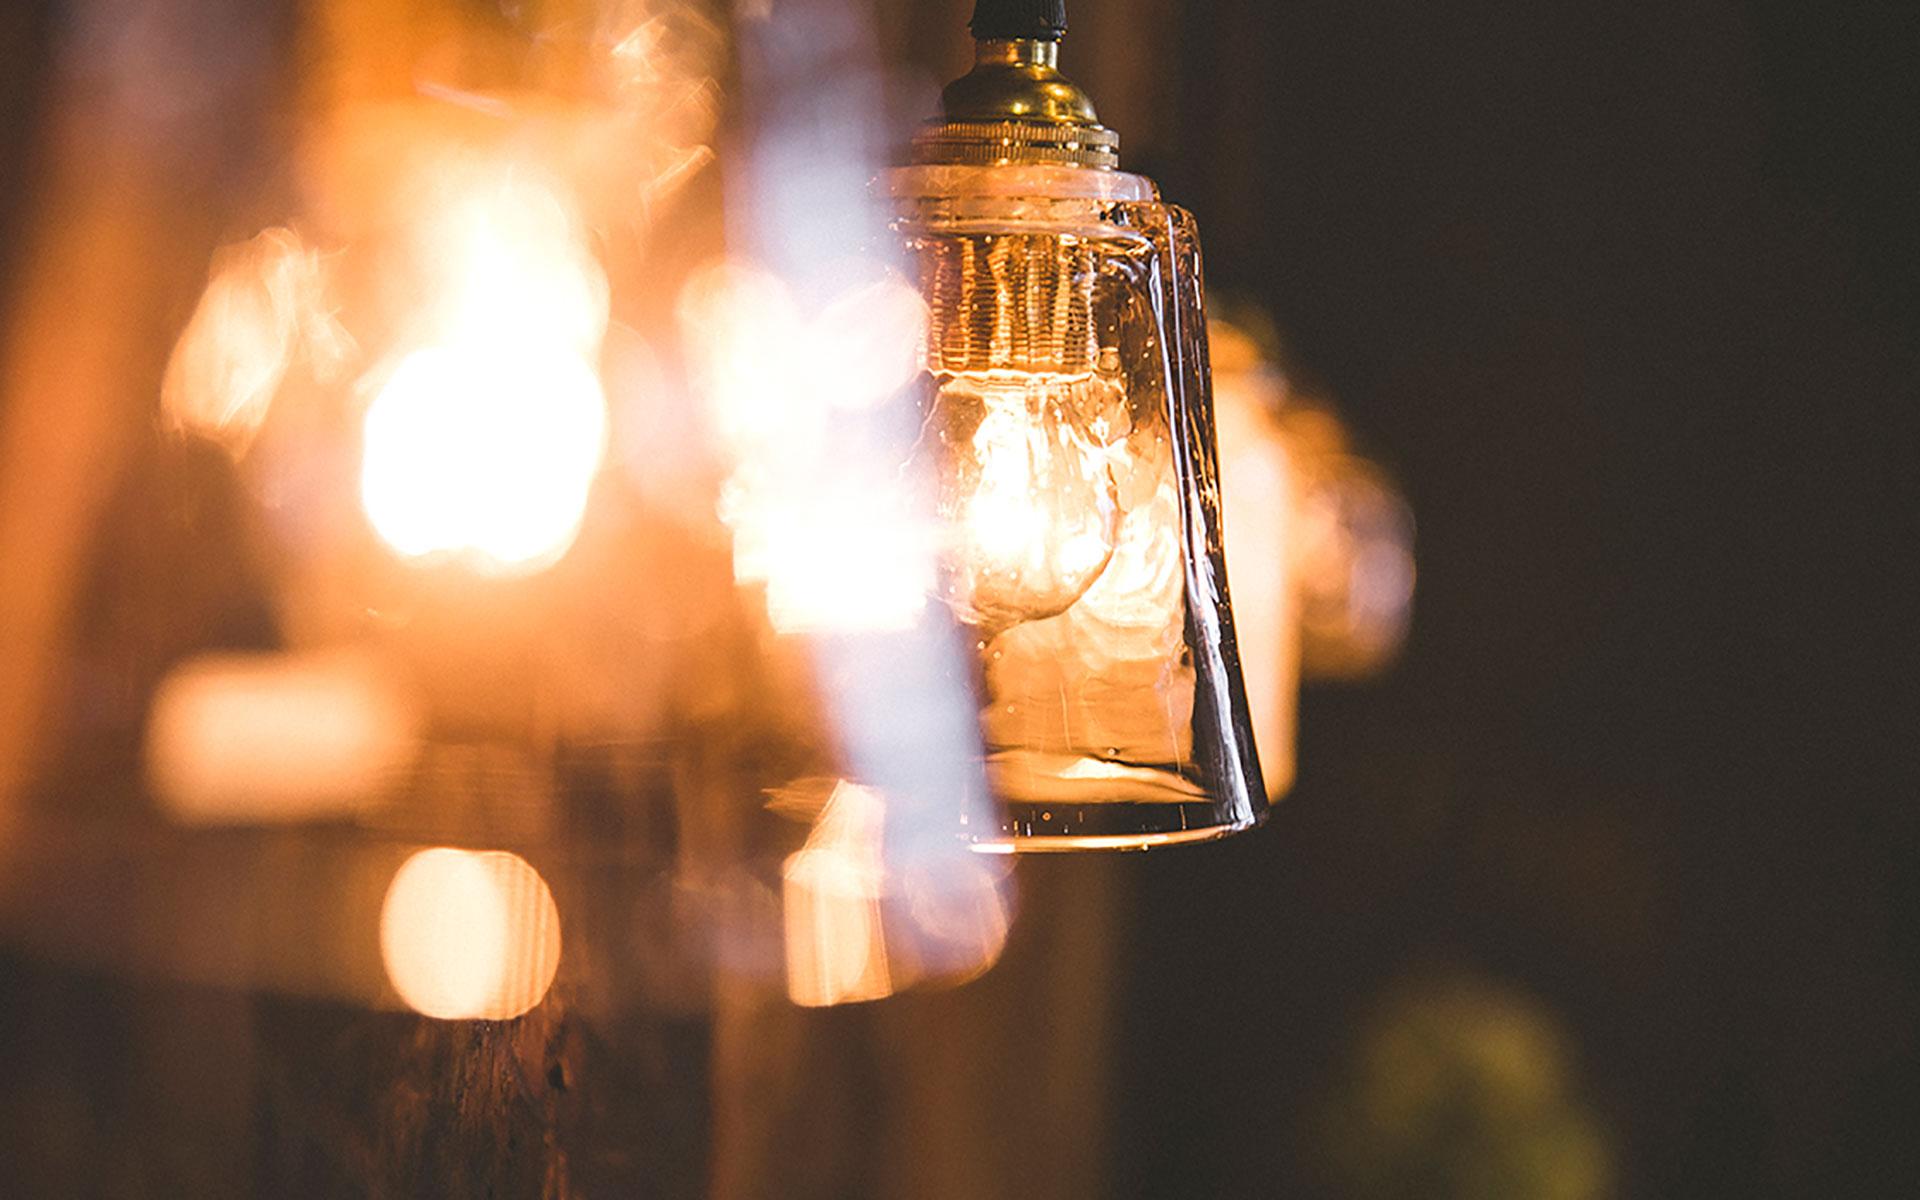 無機質な部屋の照明を、手仕事のぬくもりを感じる工芸品に変えれば、一人落ちつく自分の時間が演出できそうです